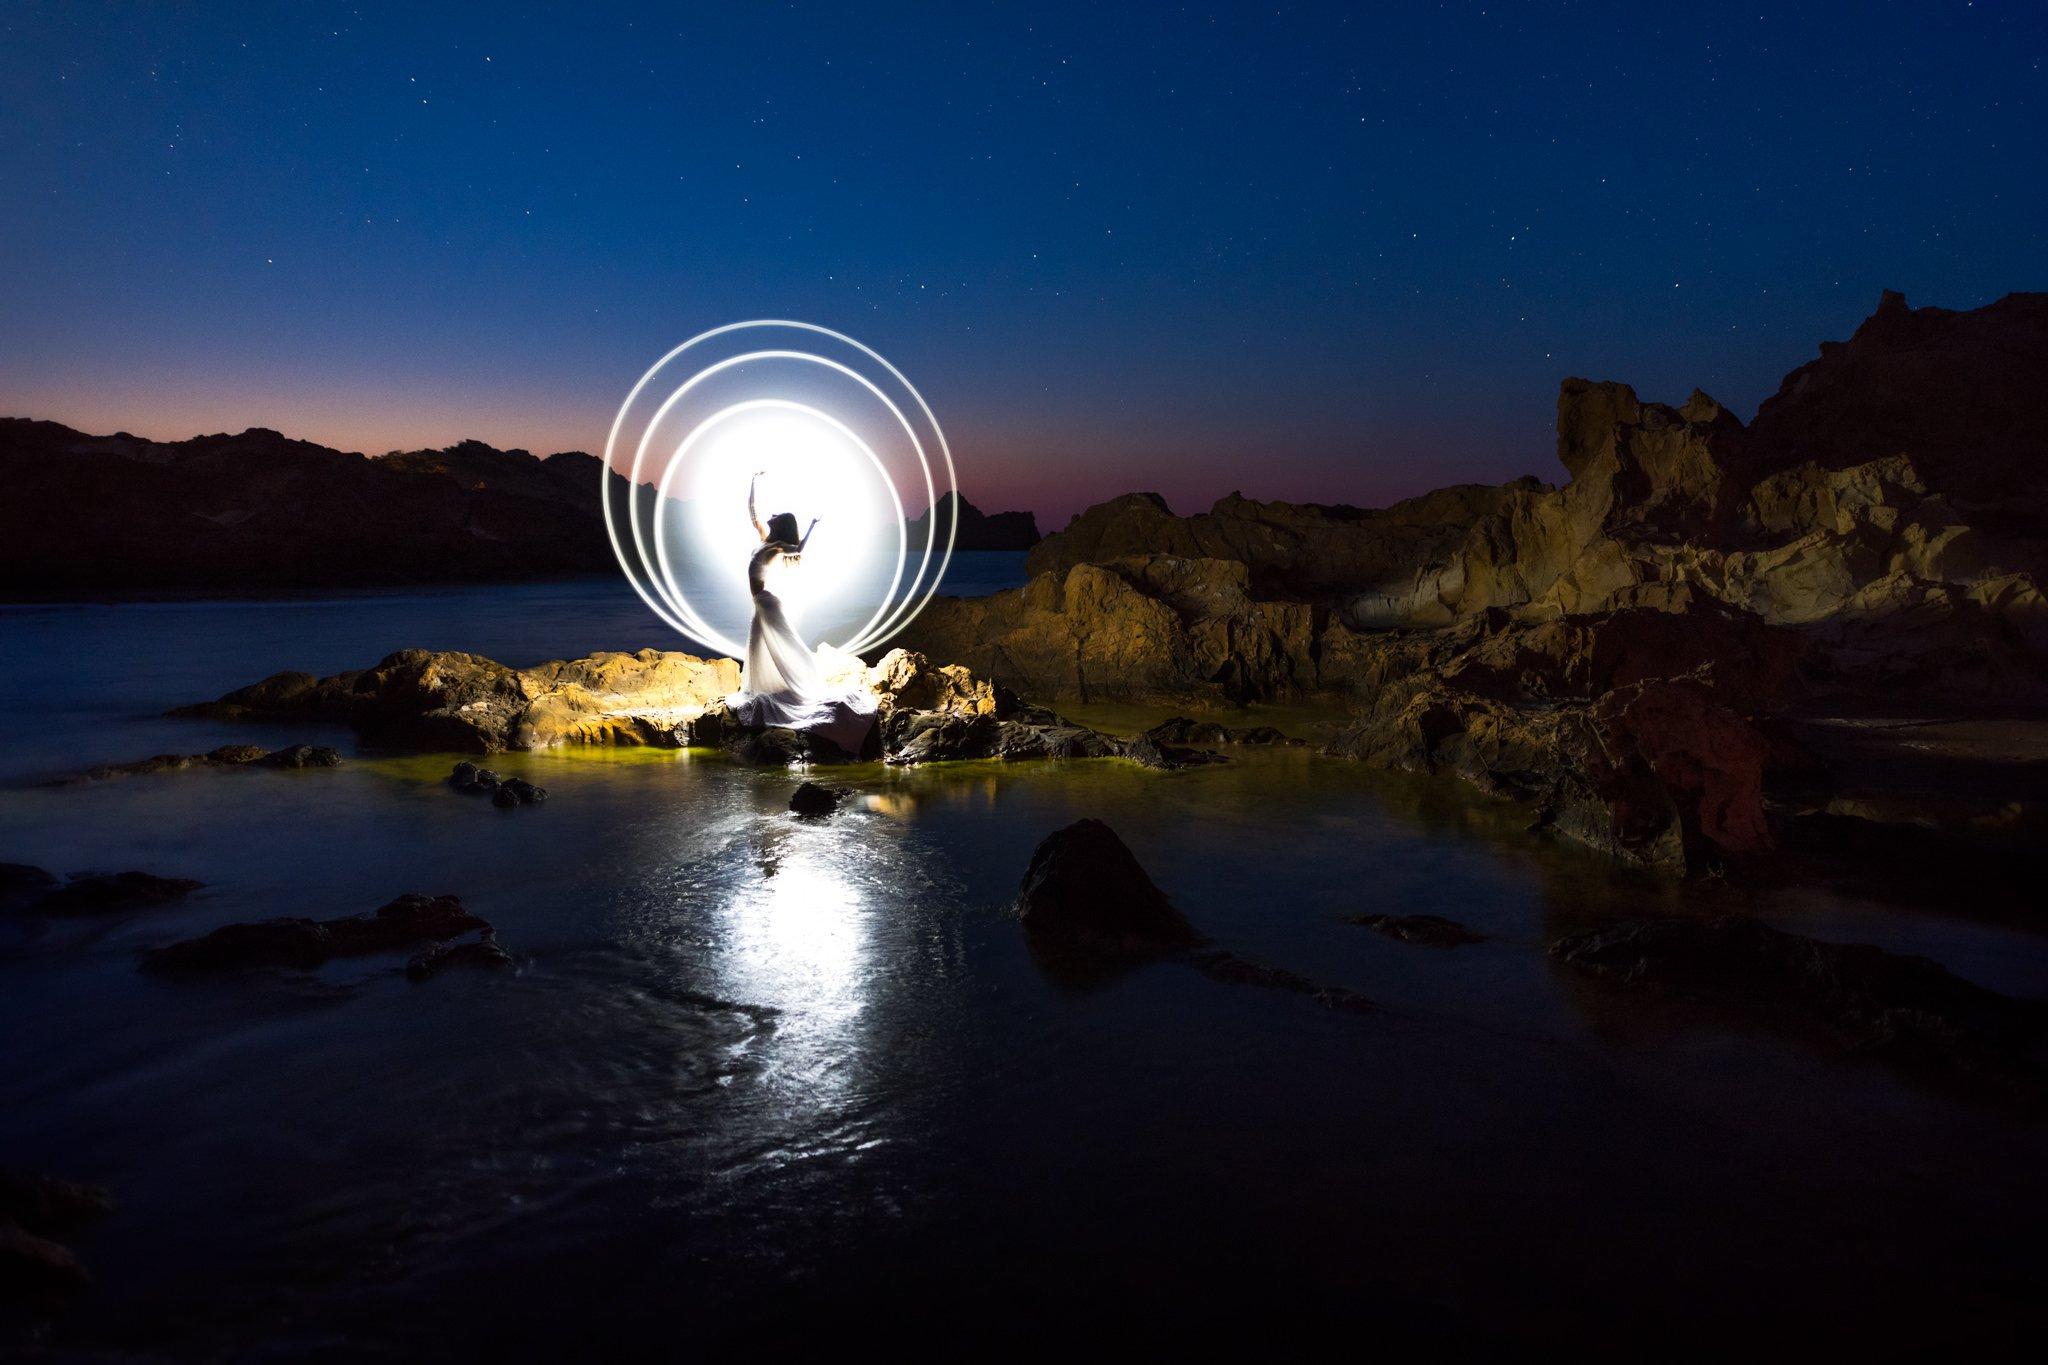 Przechwytywanie malowania światłem   Minorka, Hiszpania